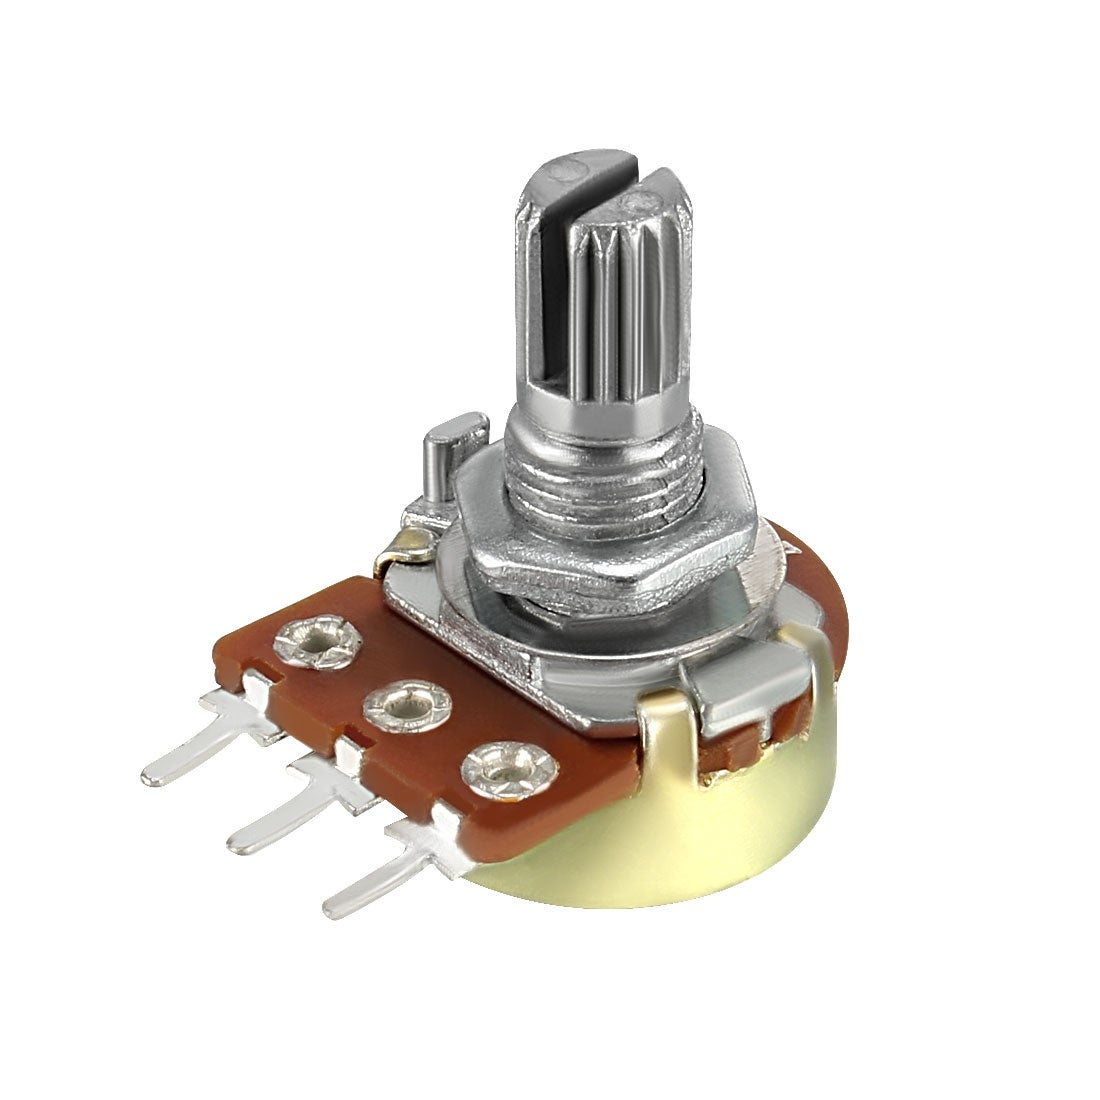 20K Ohm Variable Resistors Single Rotary Carbon Film Taper Potentiometer 10pcs